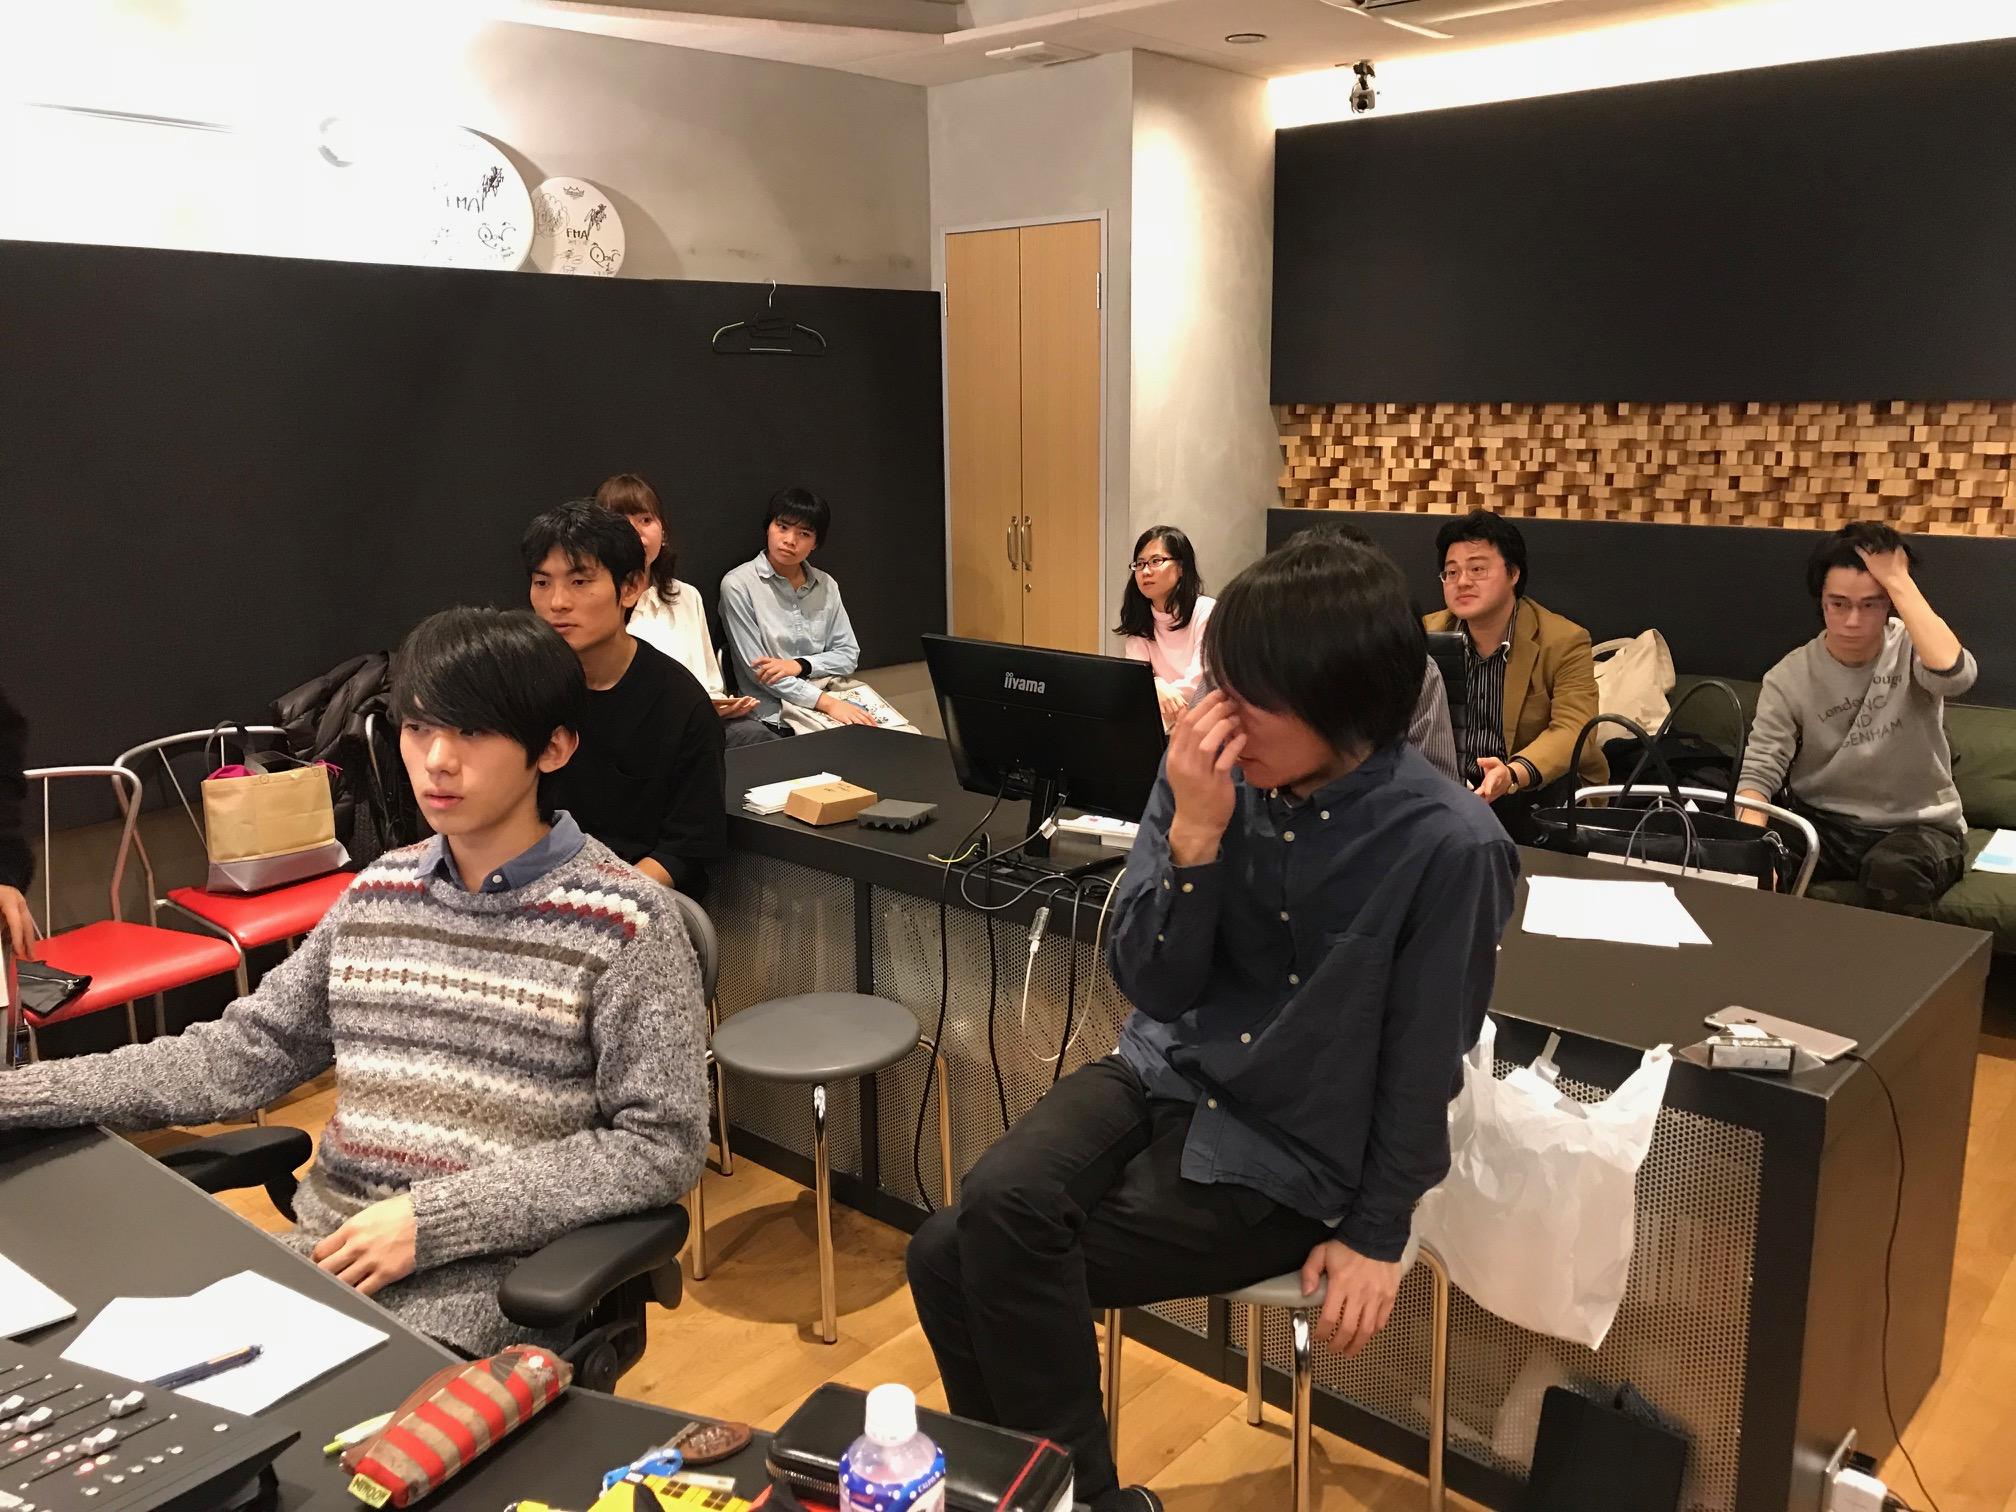 国立音楽院レコーディングスタジオのコントロールルームで演奏を聴く参加者数名。レコーディングエンジニアは吉崎拓郎先生が見守る中、学院生が担当しています。